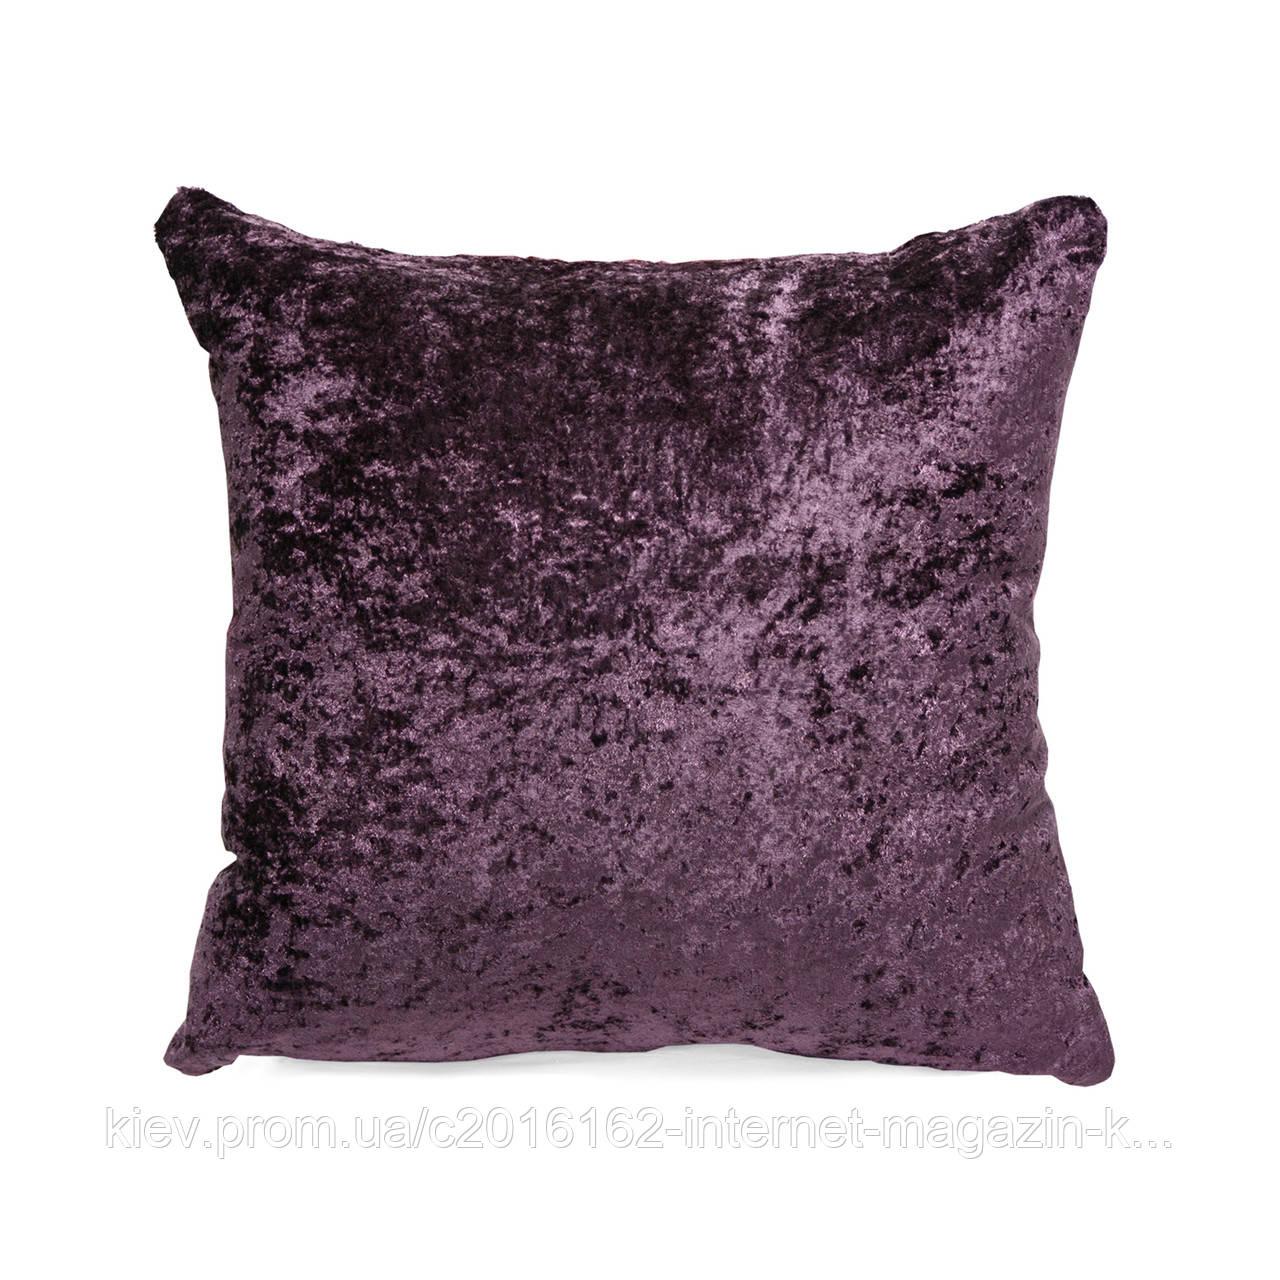 Подушка для дивана Home4You MEDICI  40x40cm  темно-лиловая с атласным отливом